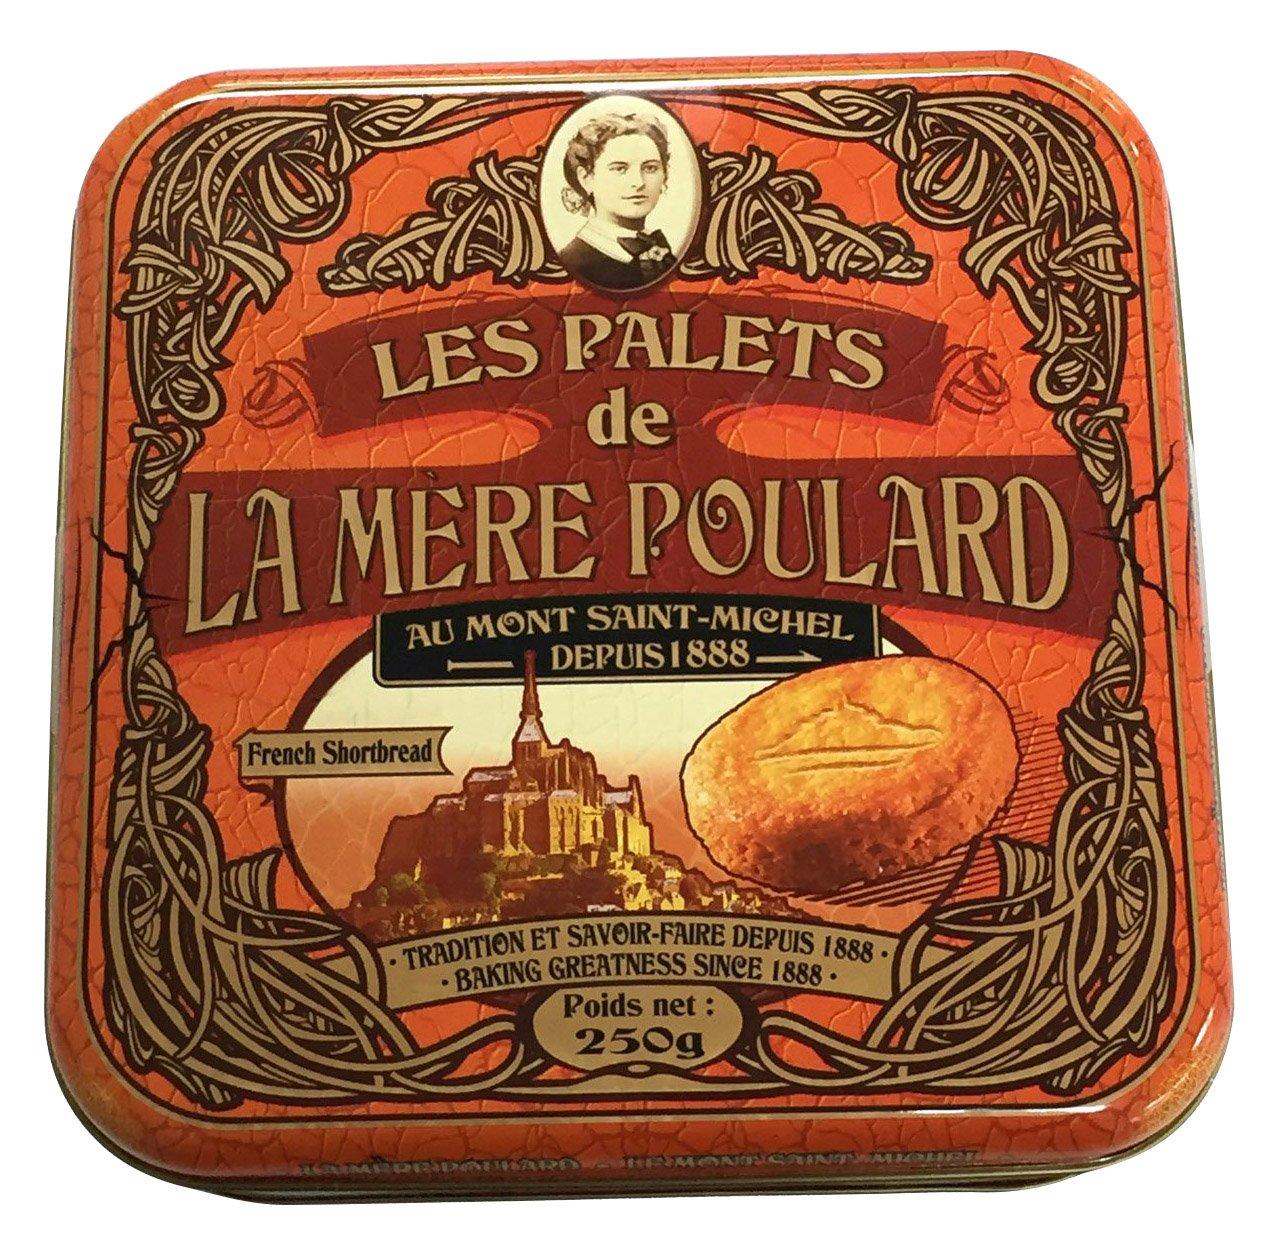 La Mere Poulard Palets Biscuits, 8.82 Ounce